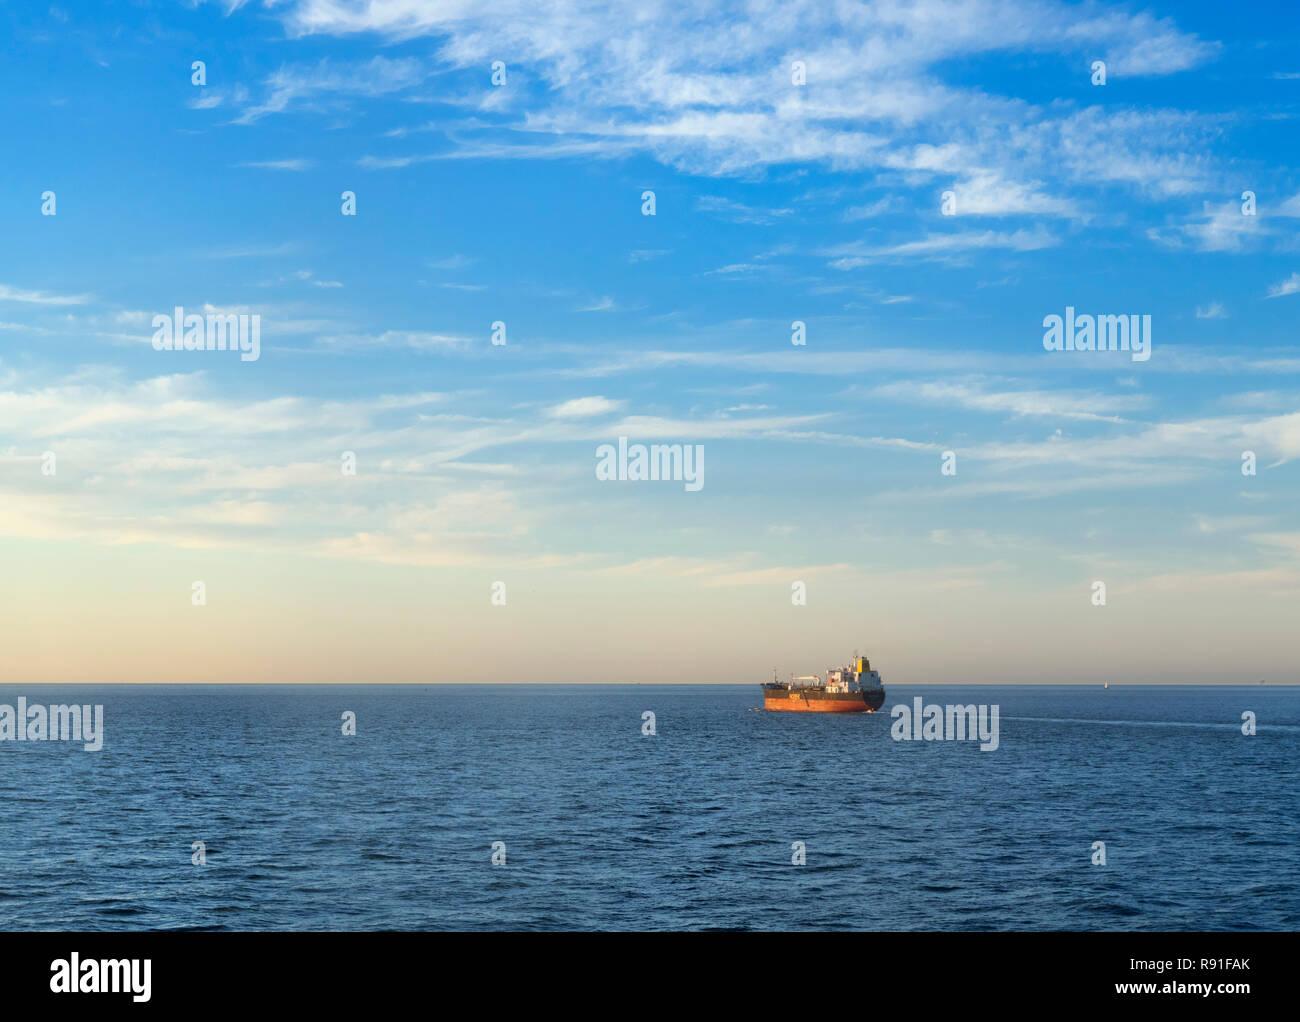 Brise arctique / pétrolier chimique sur la mer du Nord, de l'Europe Banque D'Images